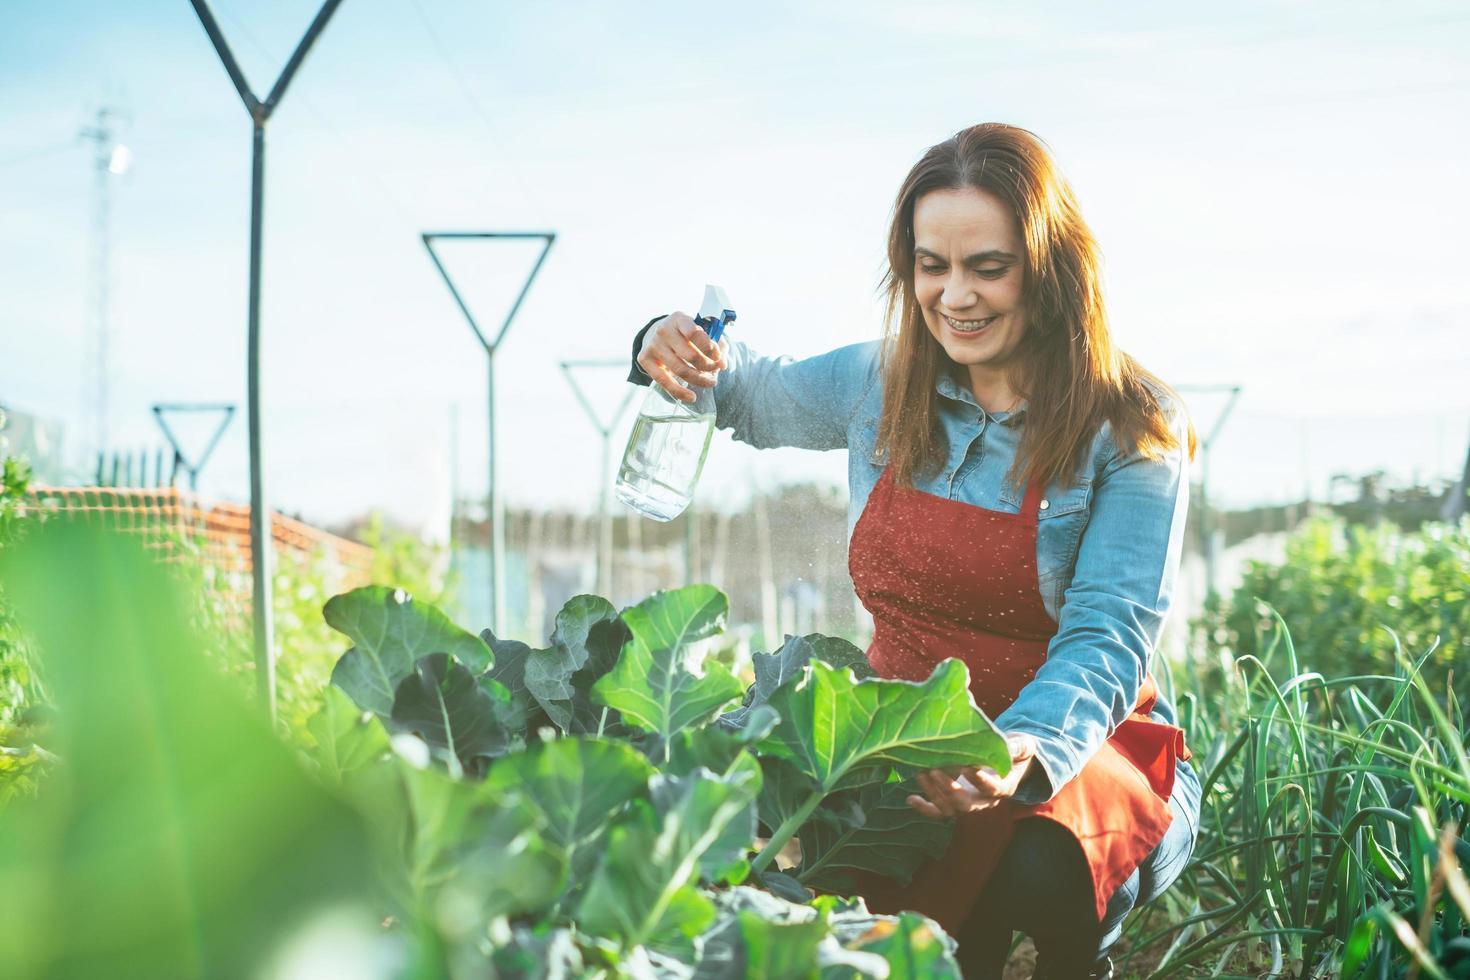 agricultrice arrosant une plante de brocoli avec un arroseur dans un champ biologique photo